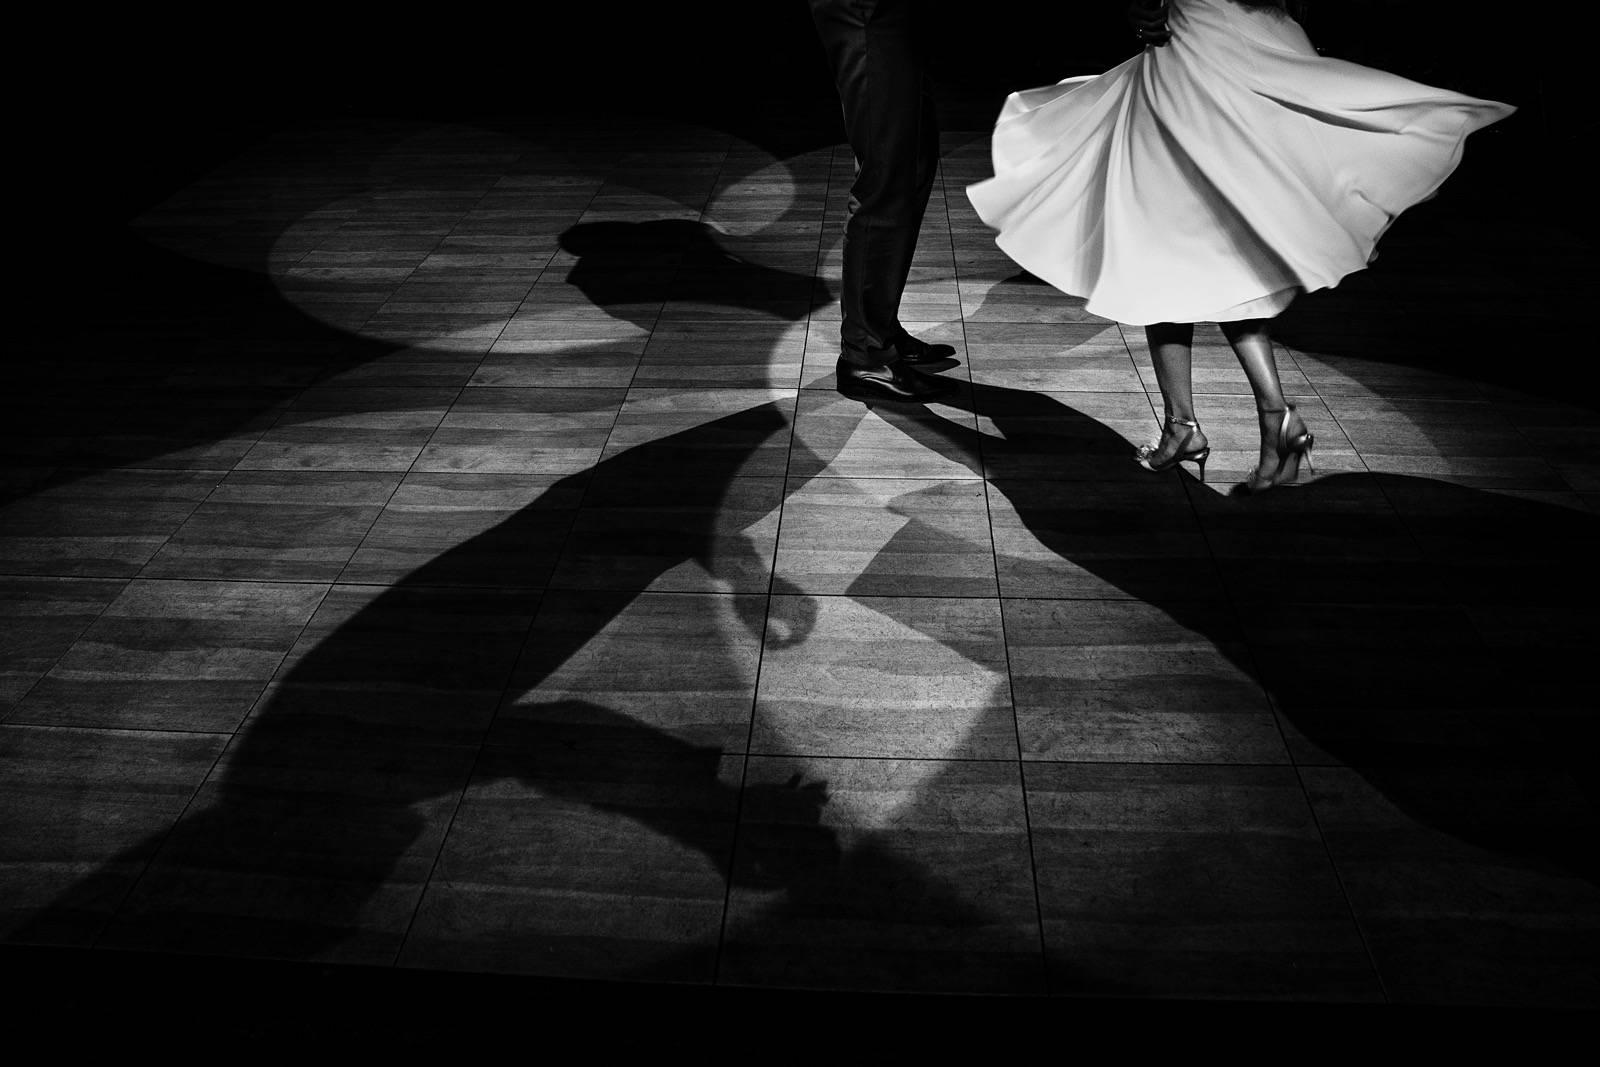 Yves Schepers Photography - Fotograaf - Huwelijksfotograaf - Trouwfotograaf - Bruidsfotograaf - House of Weddings - 15